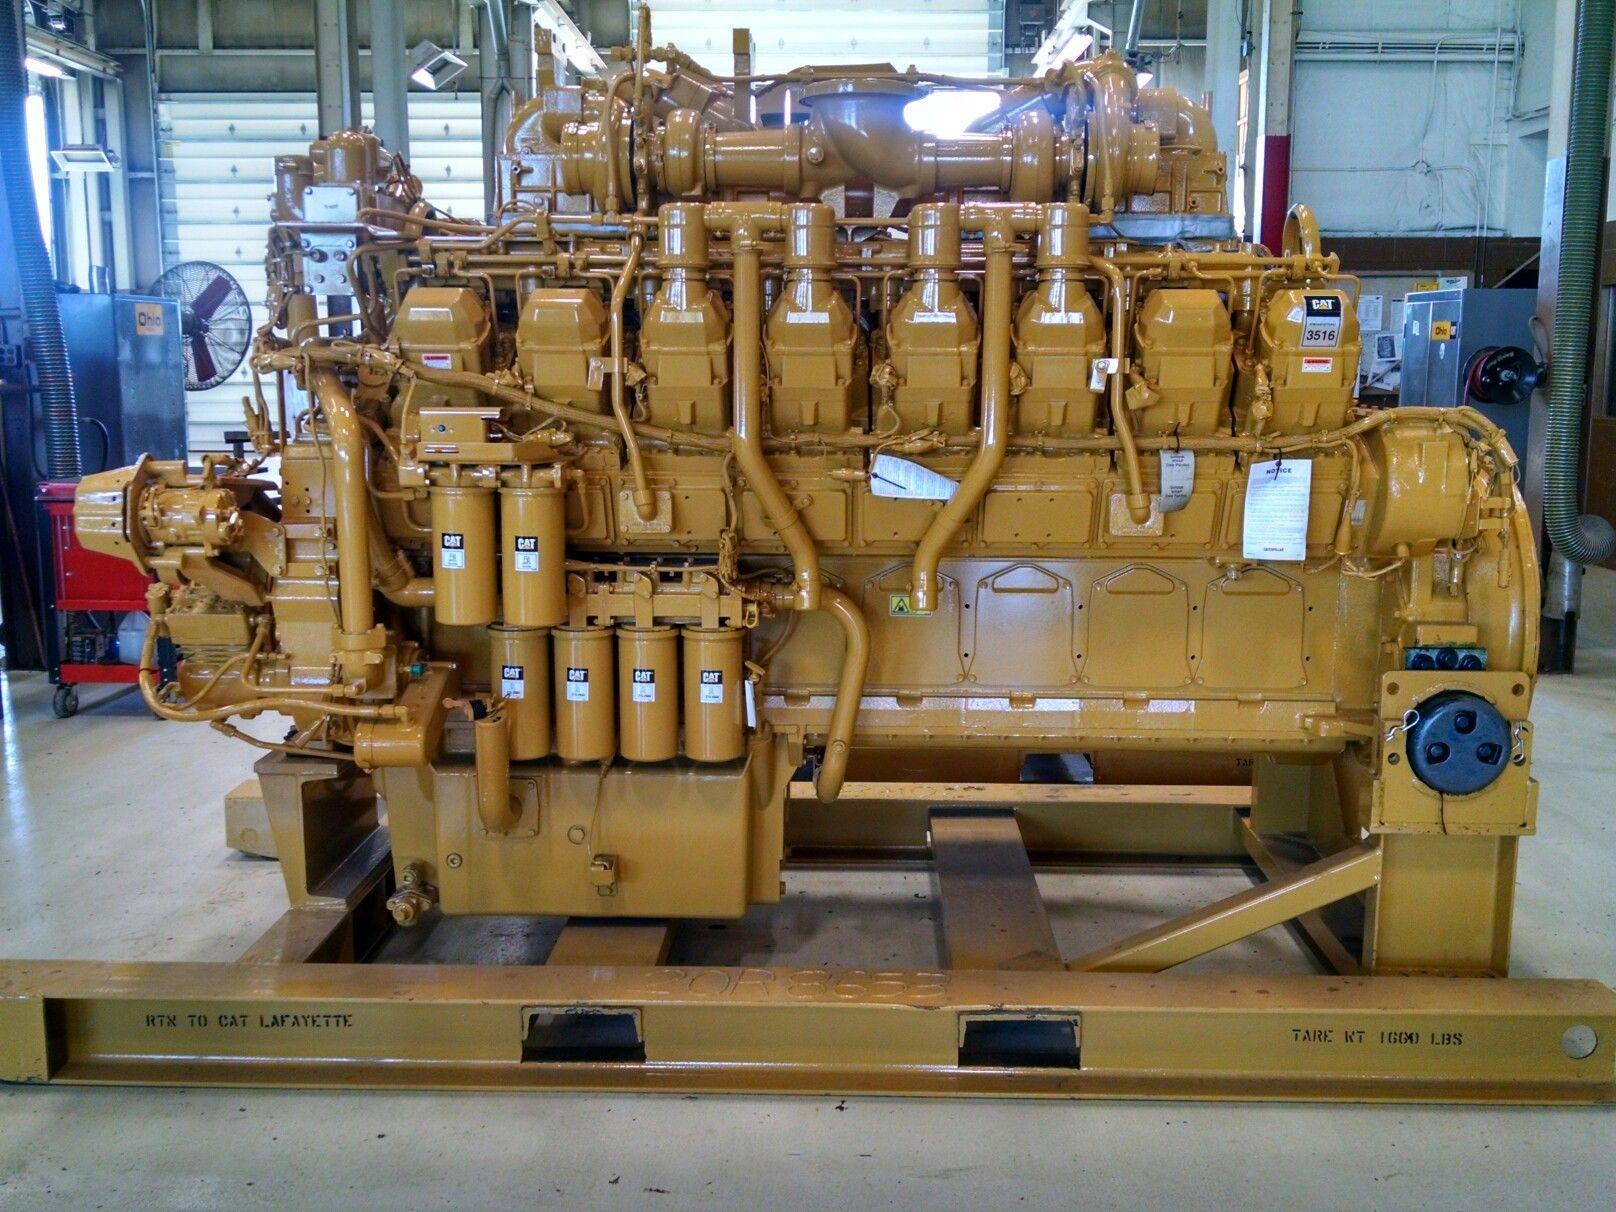 E Cd Dfa Adb F Bd A on Cat C7 Engine Wiring Diagram